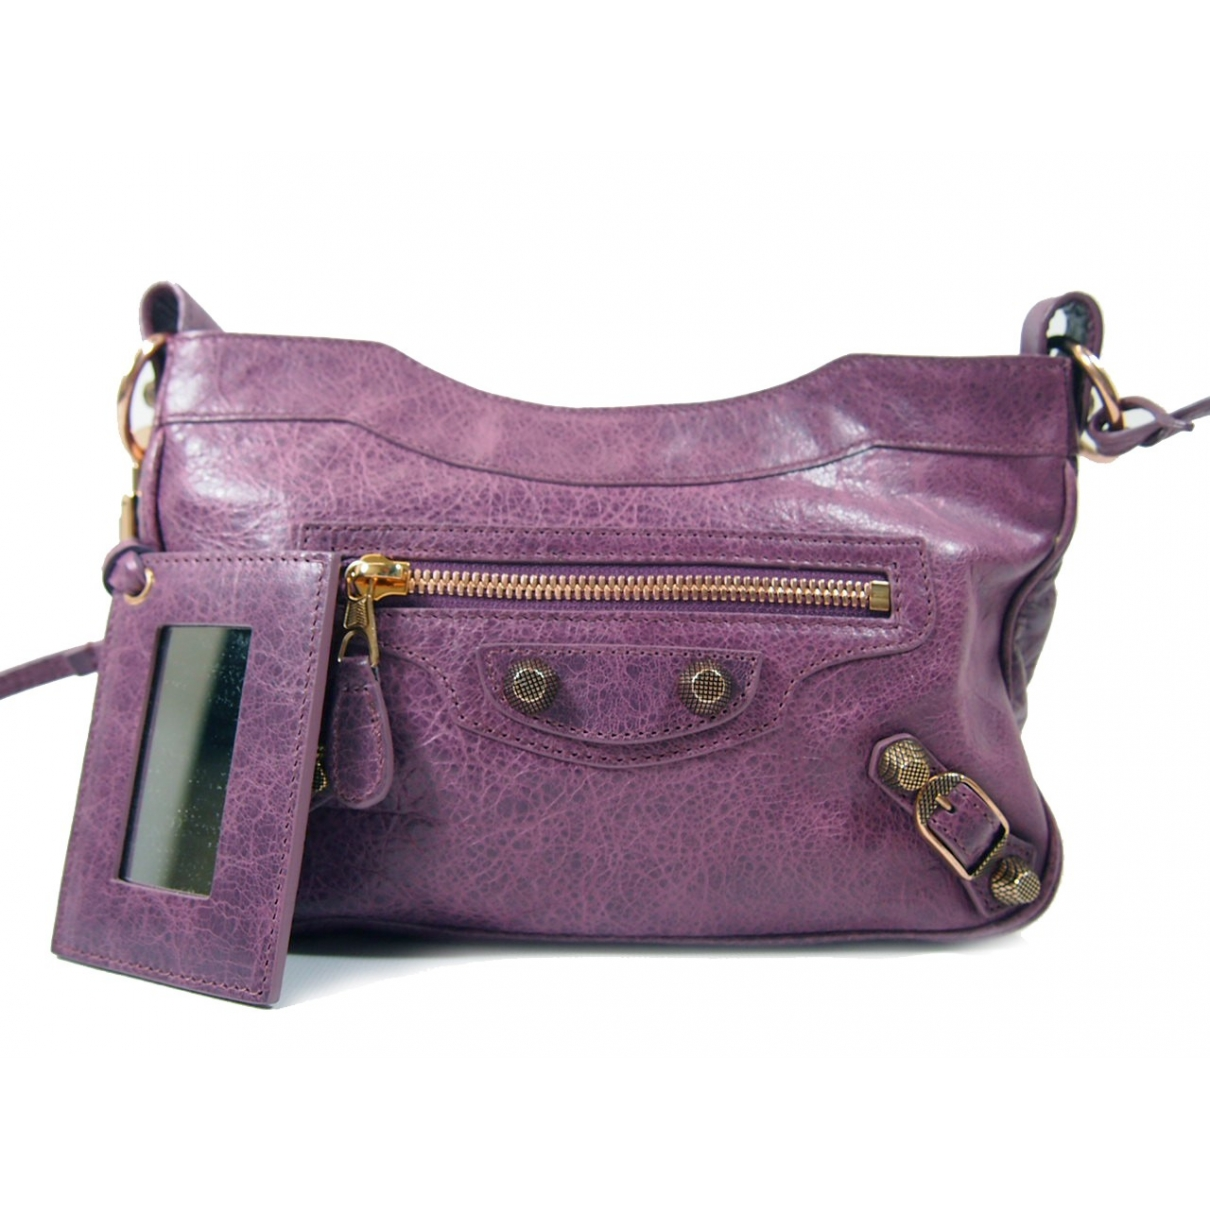 Balenciaga - Sac a main   pour femme en cuir - violet